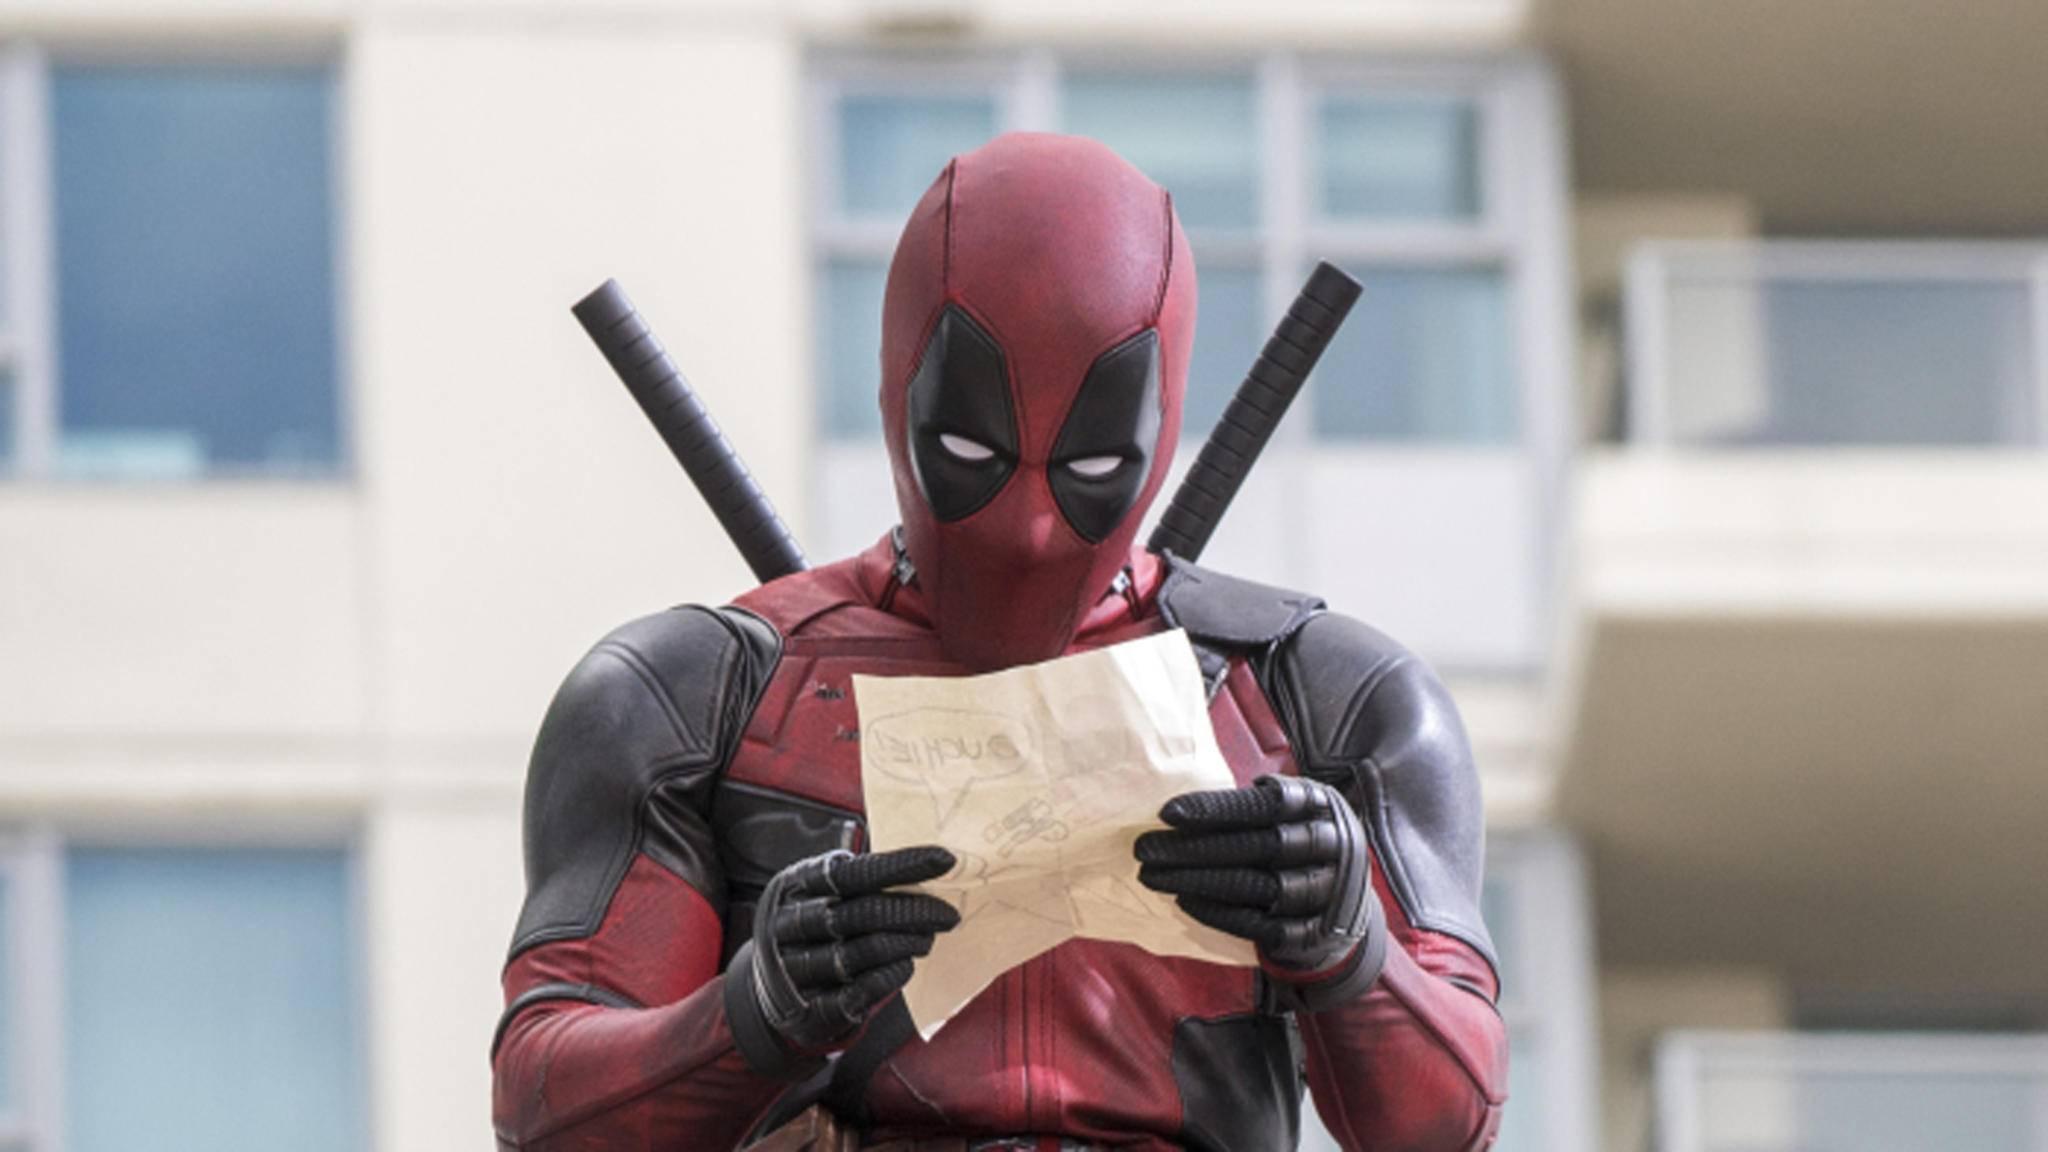 Auf Twitter gibt es derzeit viele Meinungen und Kommentare zum Disney-Fox-Deal zu lesen.